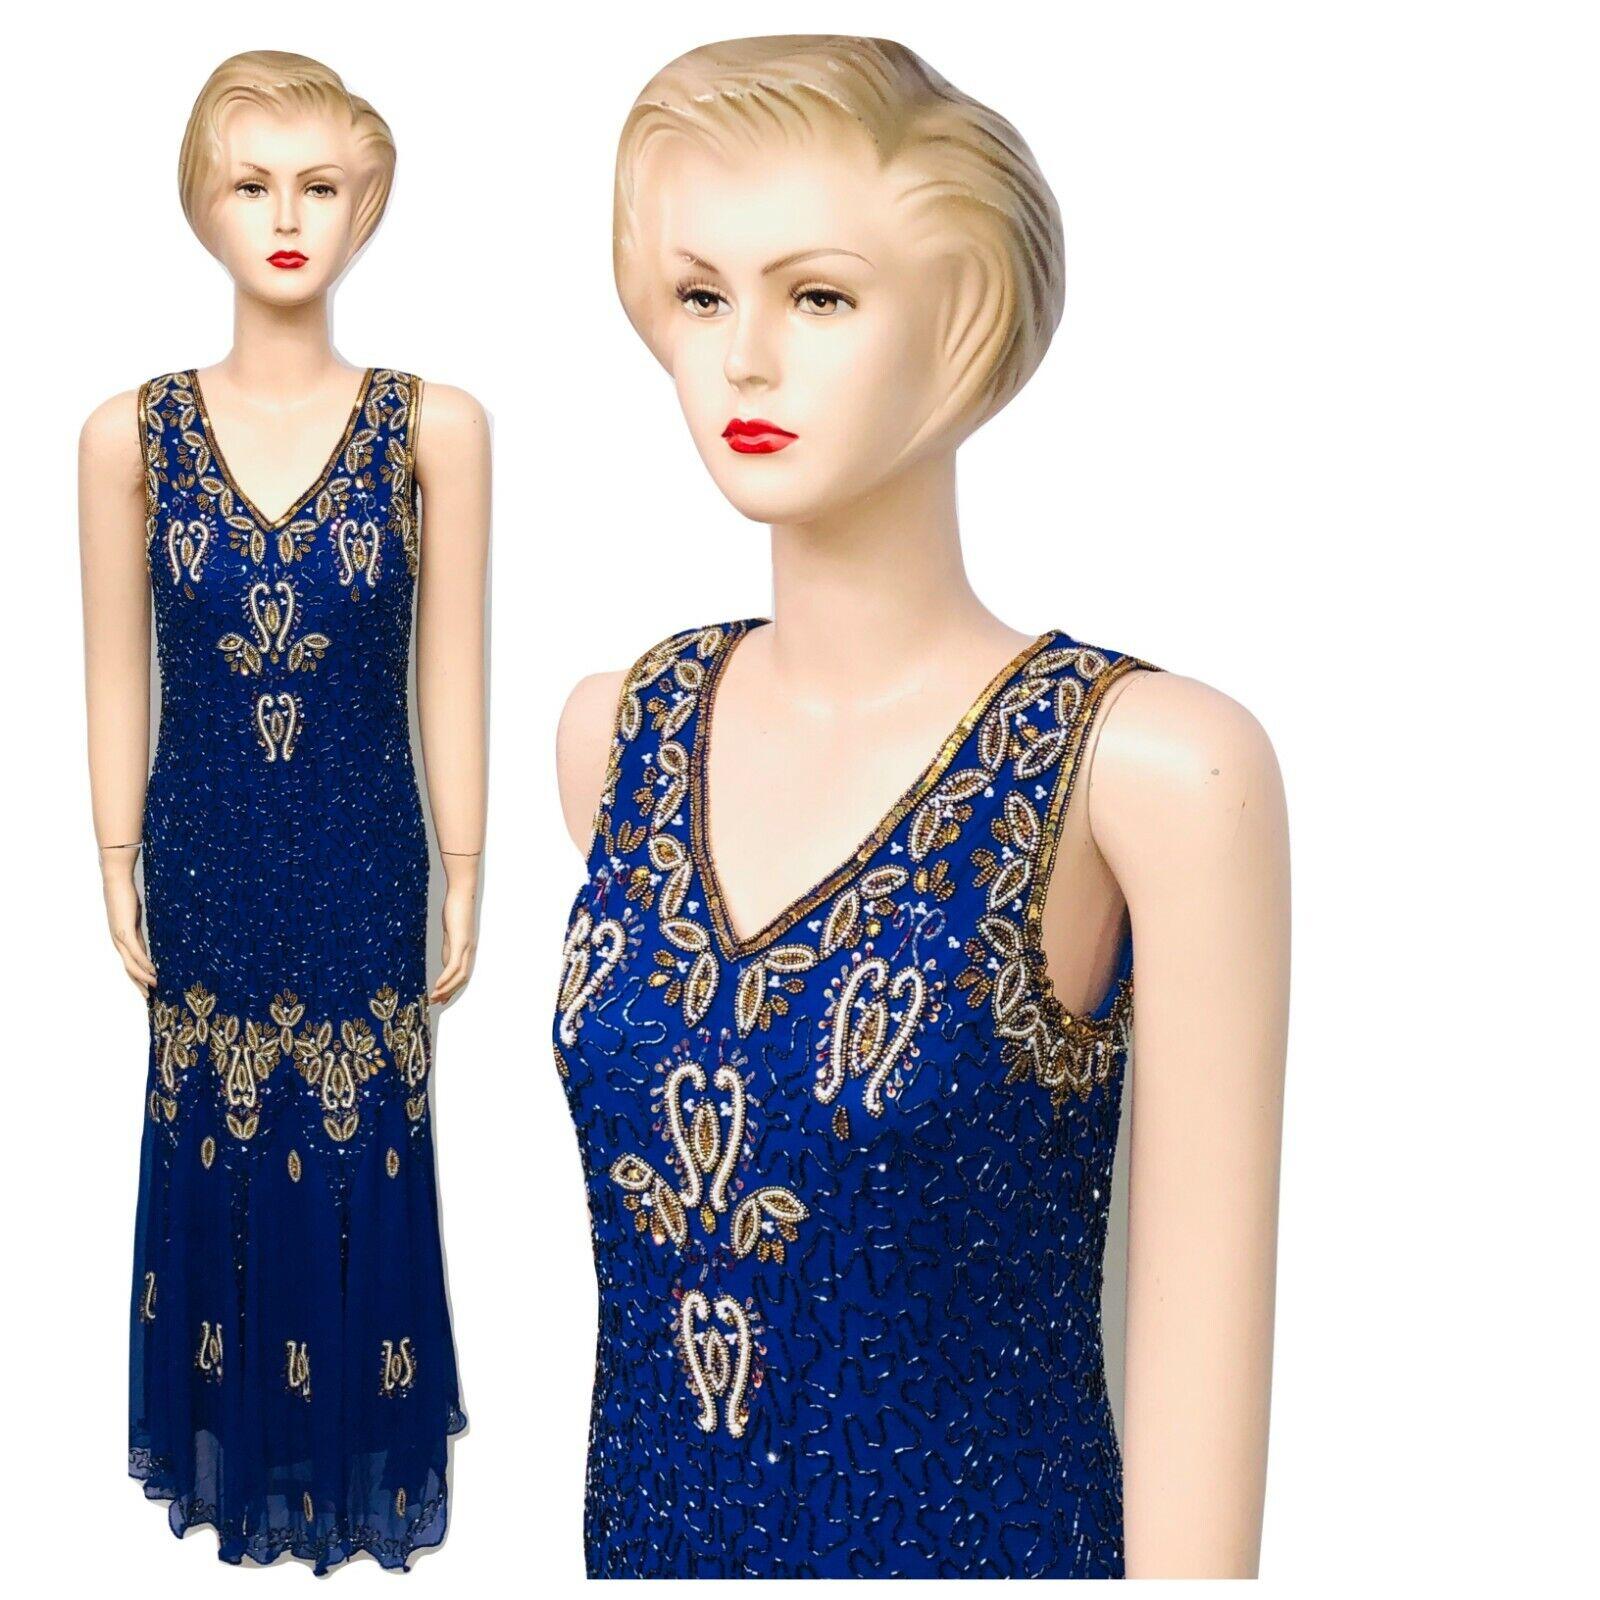 Nouveau Femme Bleu Or Sequin Beaded Vintage Soirée Robe Longue Taille 12 14 16 18 20